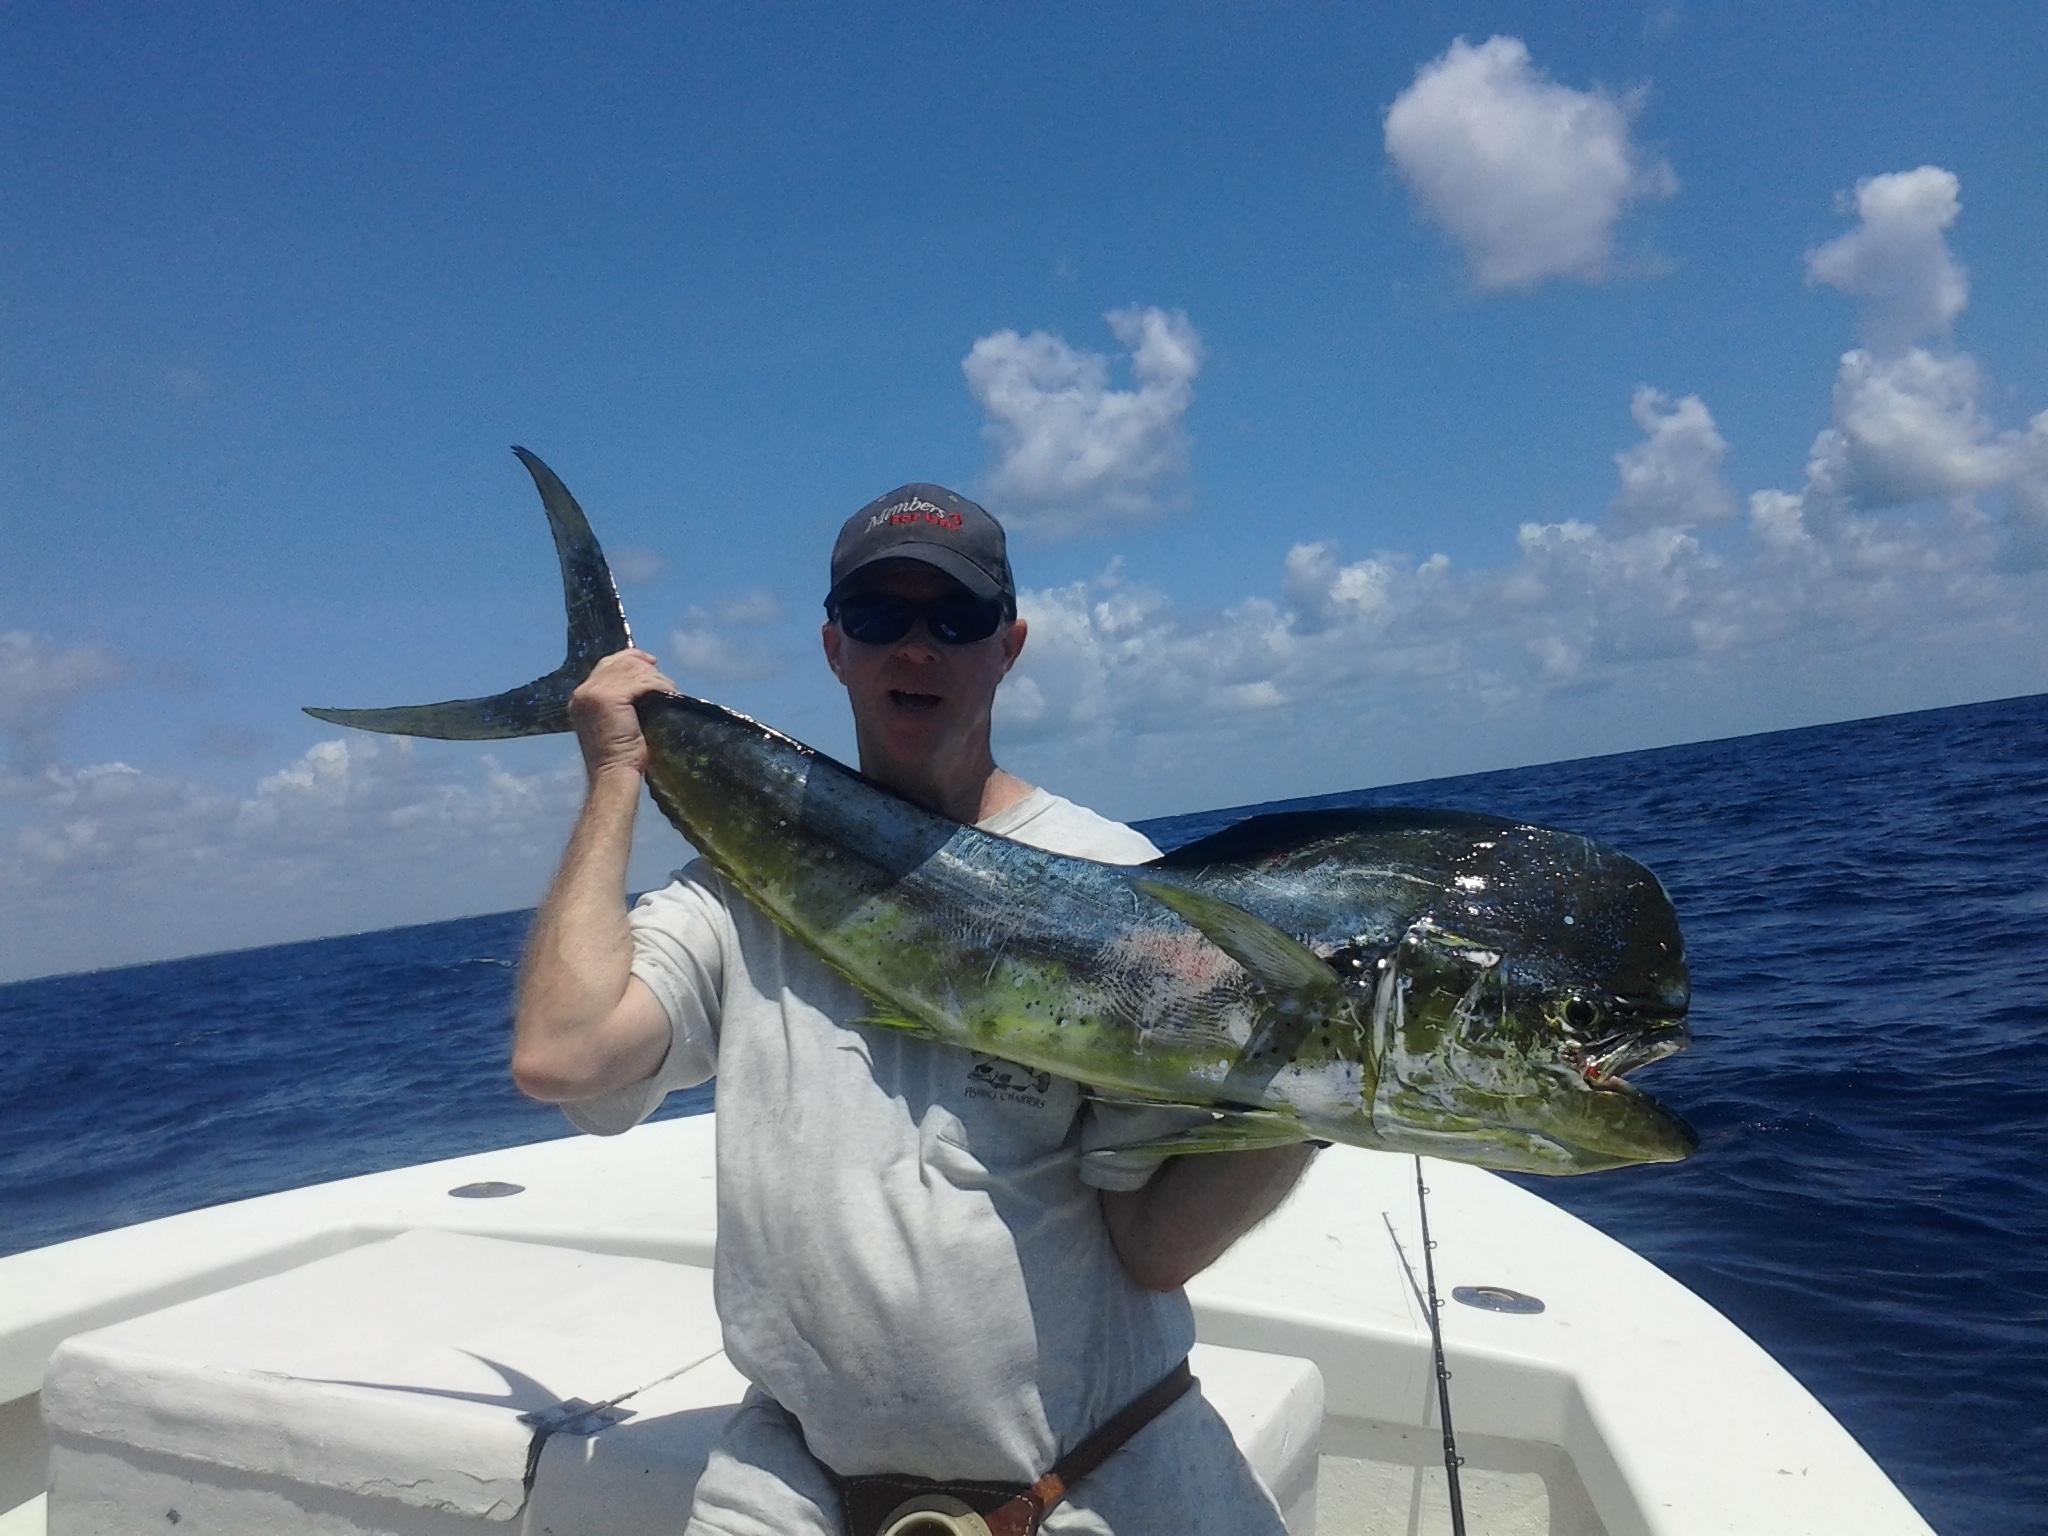 Book a fishing trip fishing charters native guide jupiter for Jupiter fishing charters